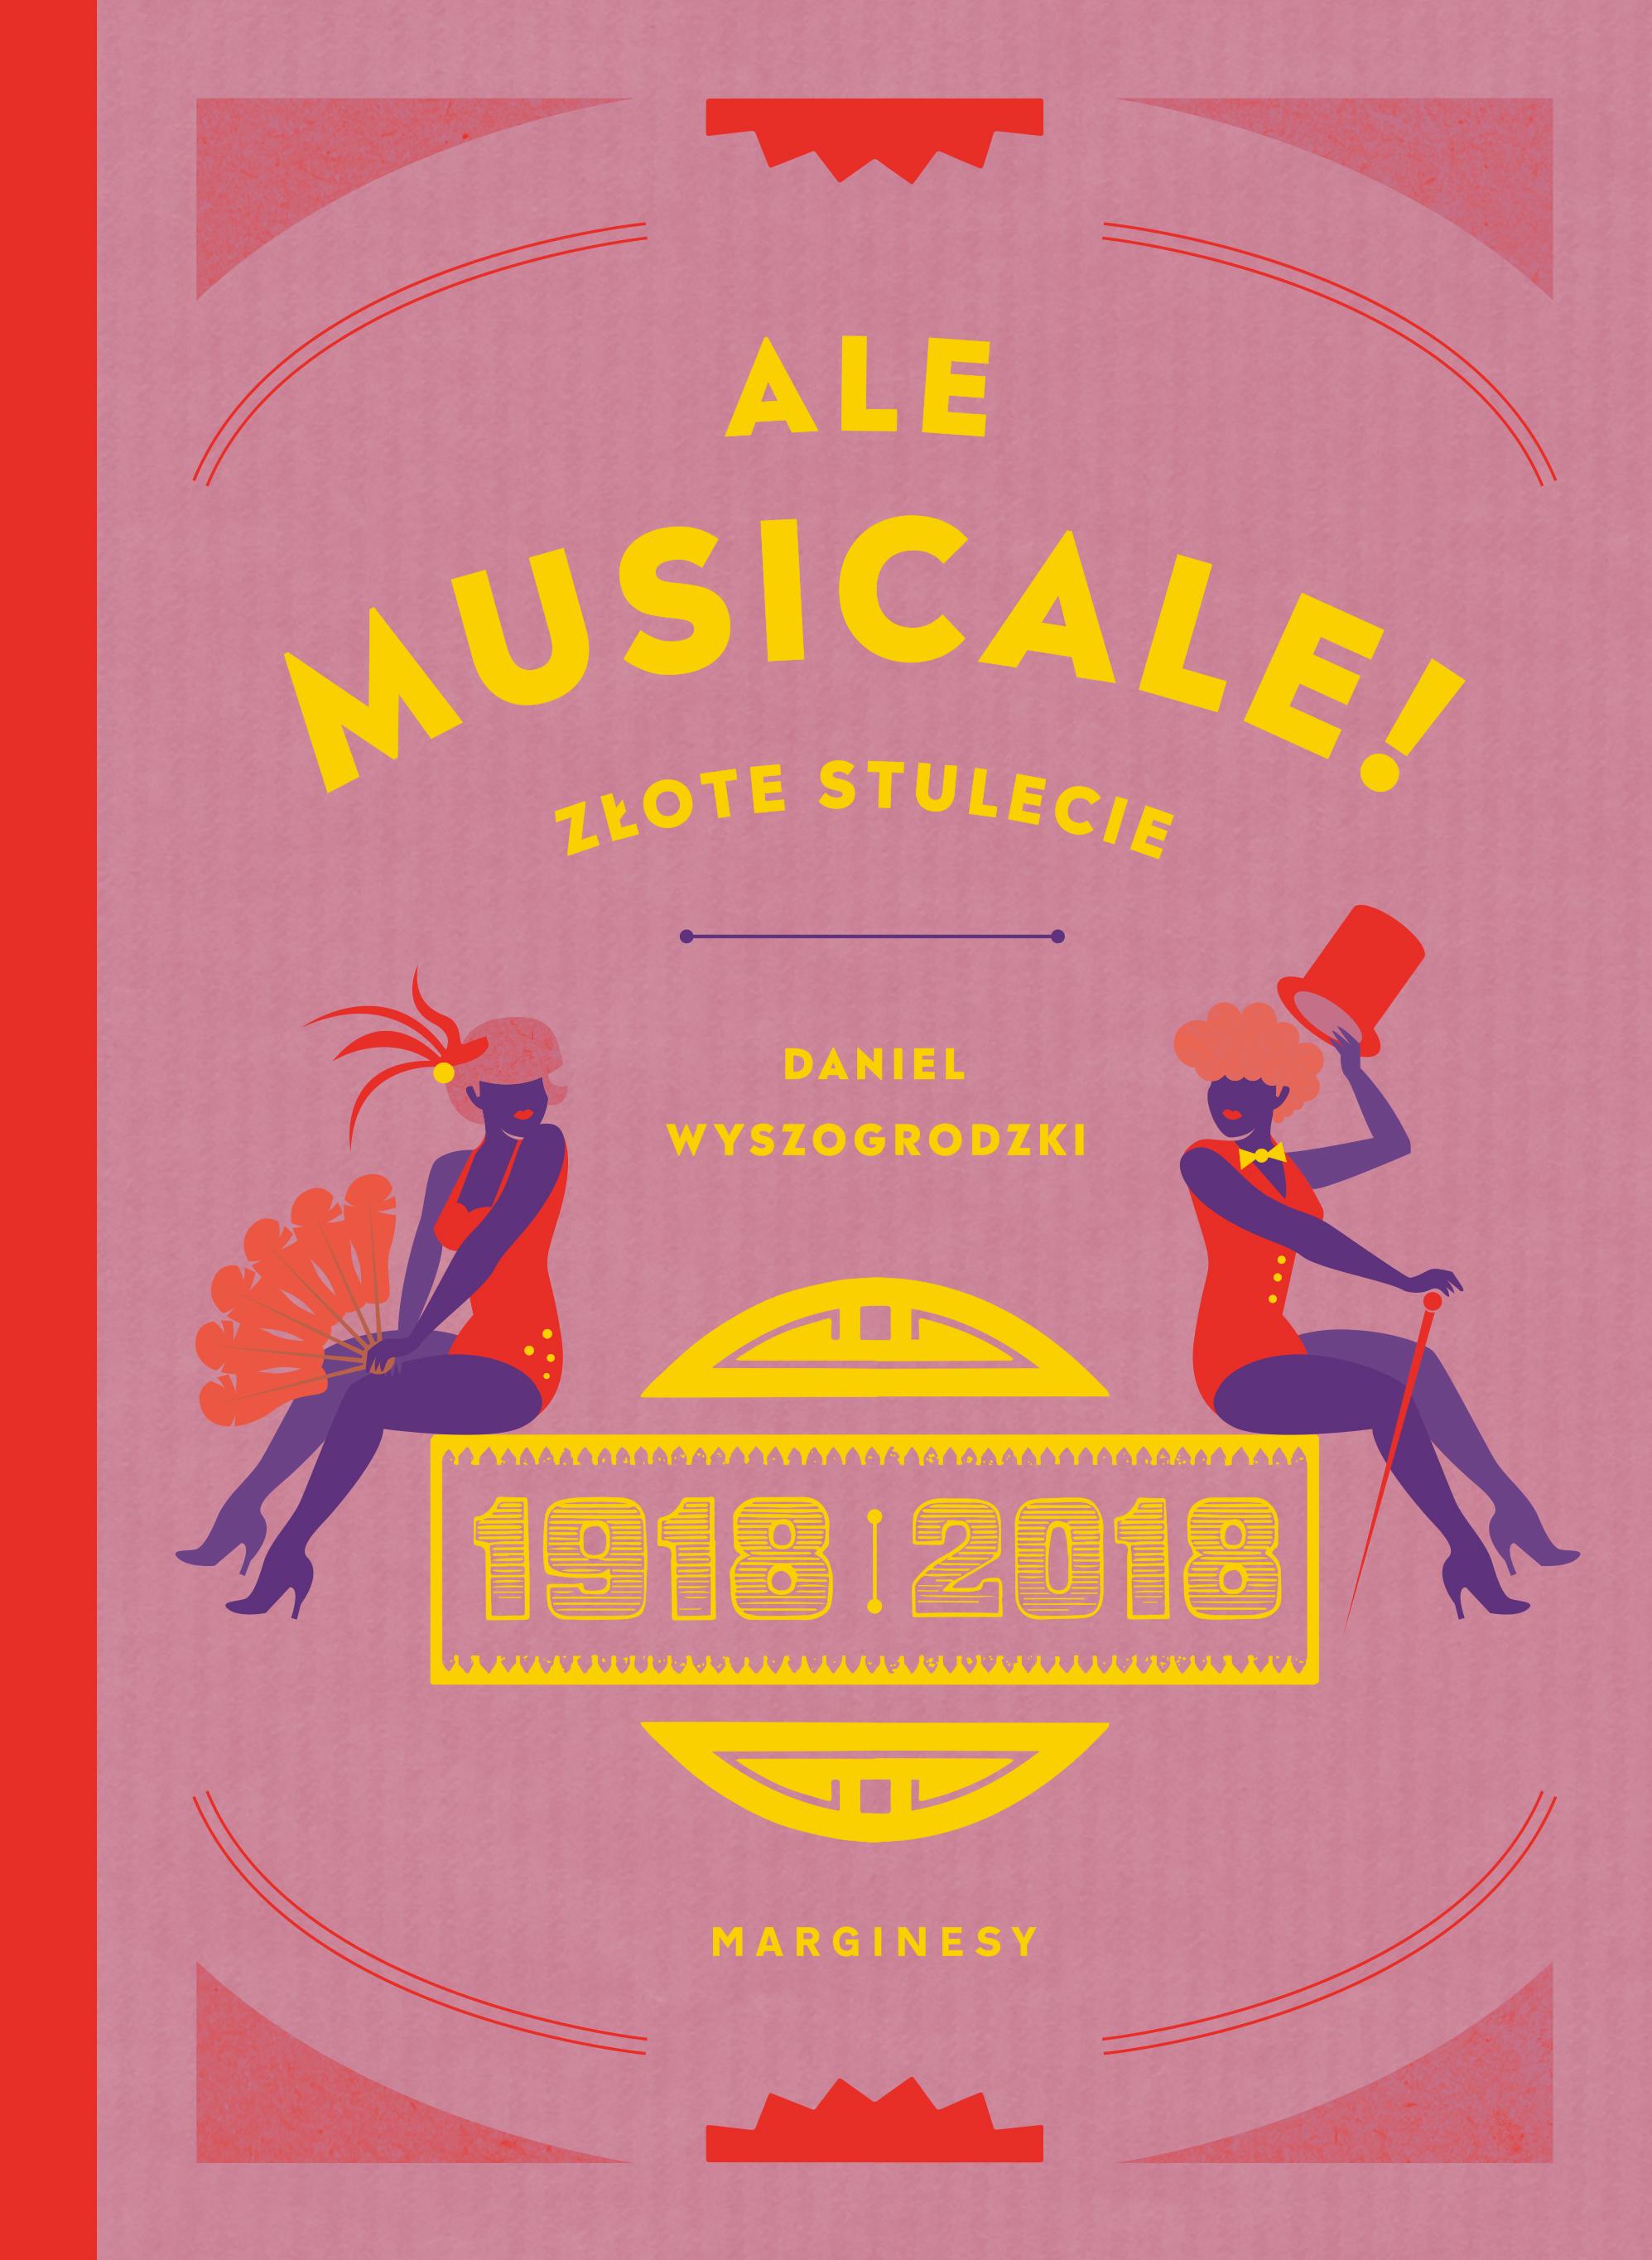 ALE MUSICALE! ZŁOTE STULECIE 1918-2018, Daniel Wyszogrodzki - recenzja